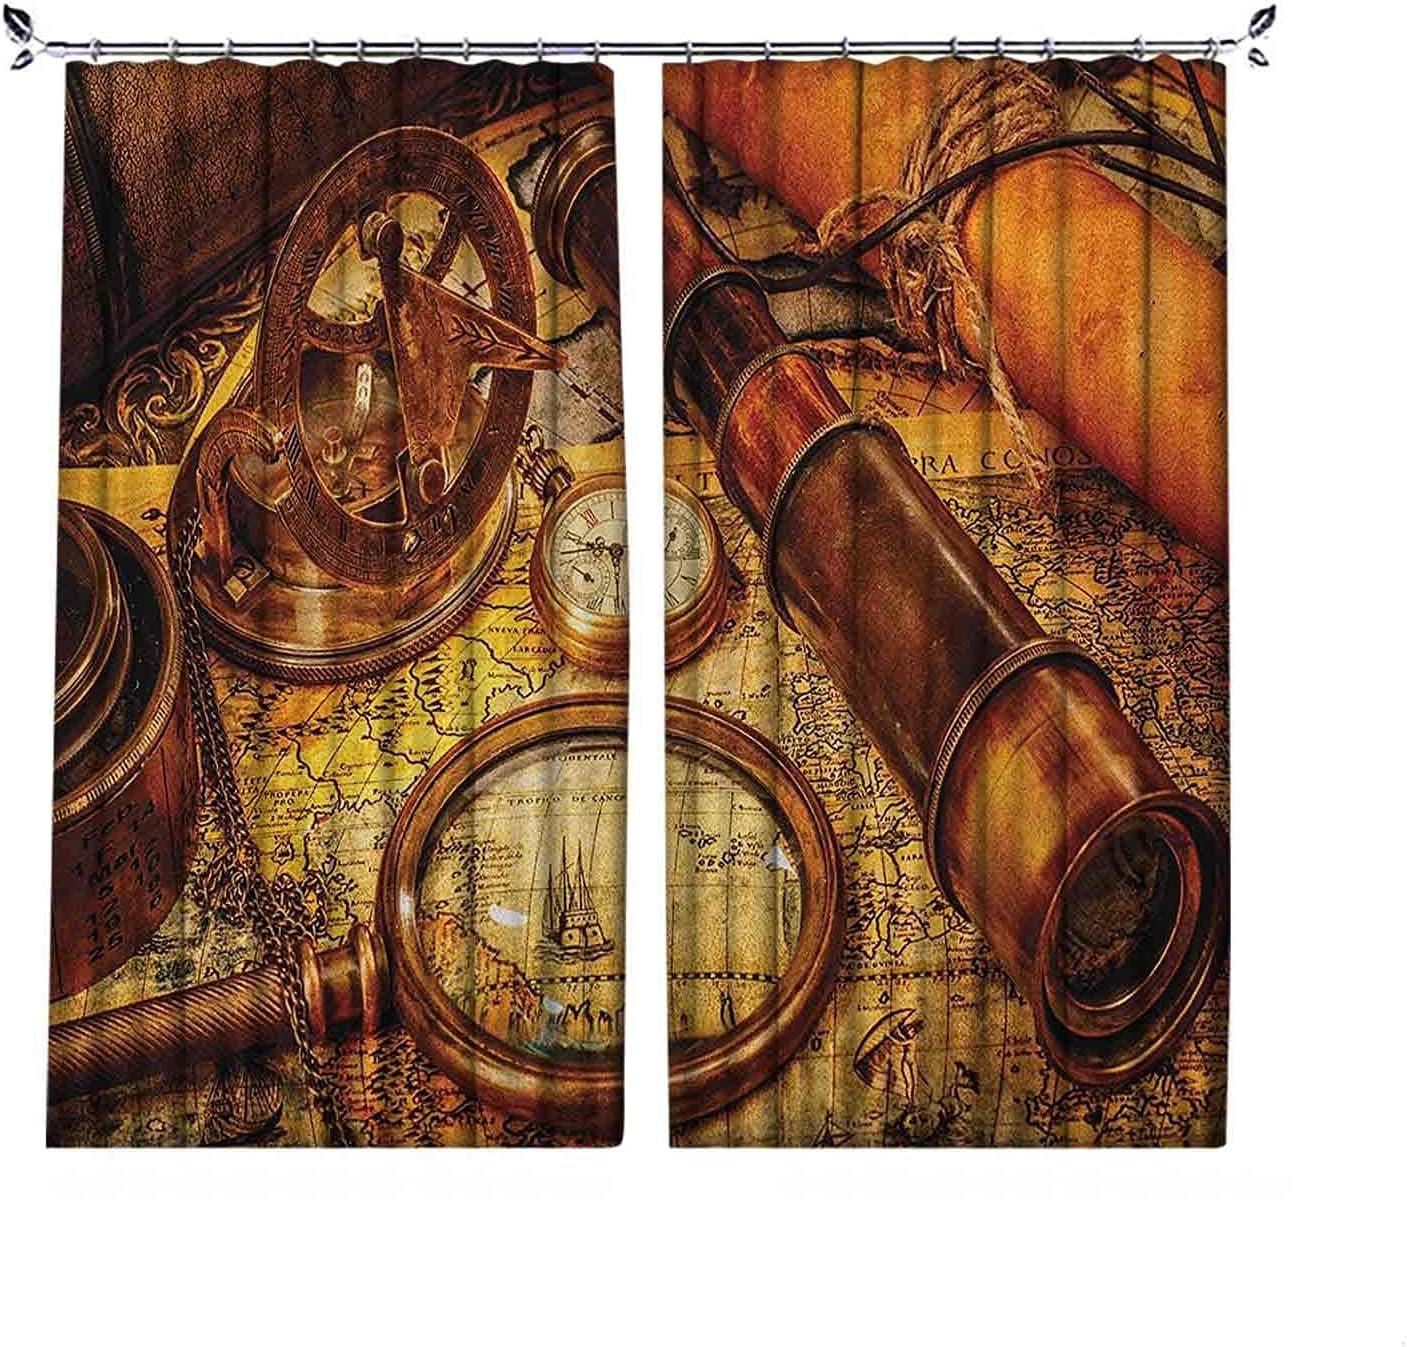 Cortinas plisadas con aislamiento térmico y antigüedades, lupa con telescopio y reloj de bolsillo en un mapa antiguo, para barras transversales y rieles, 84 x 84 pulgadas, naranja, marrón, amarillo